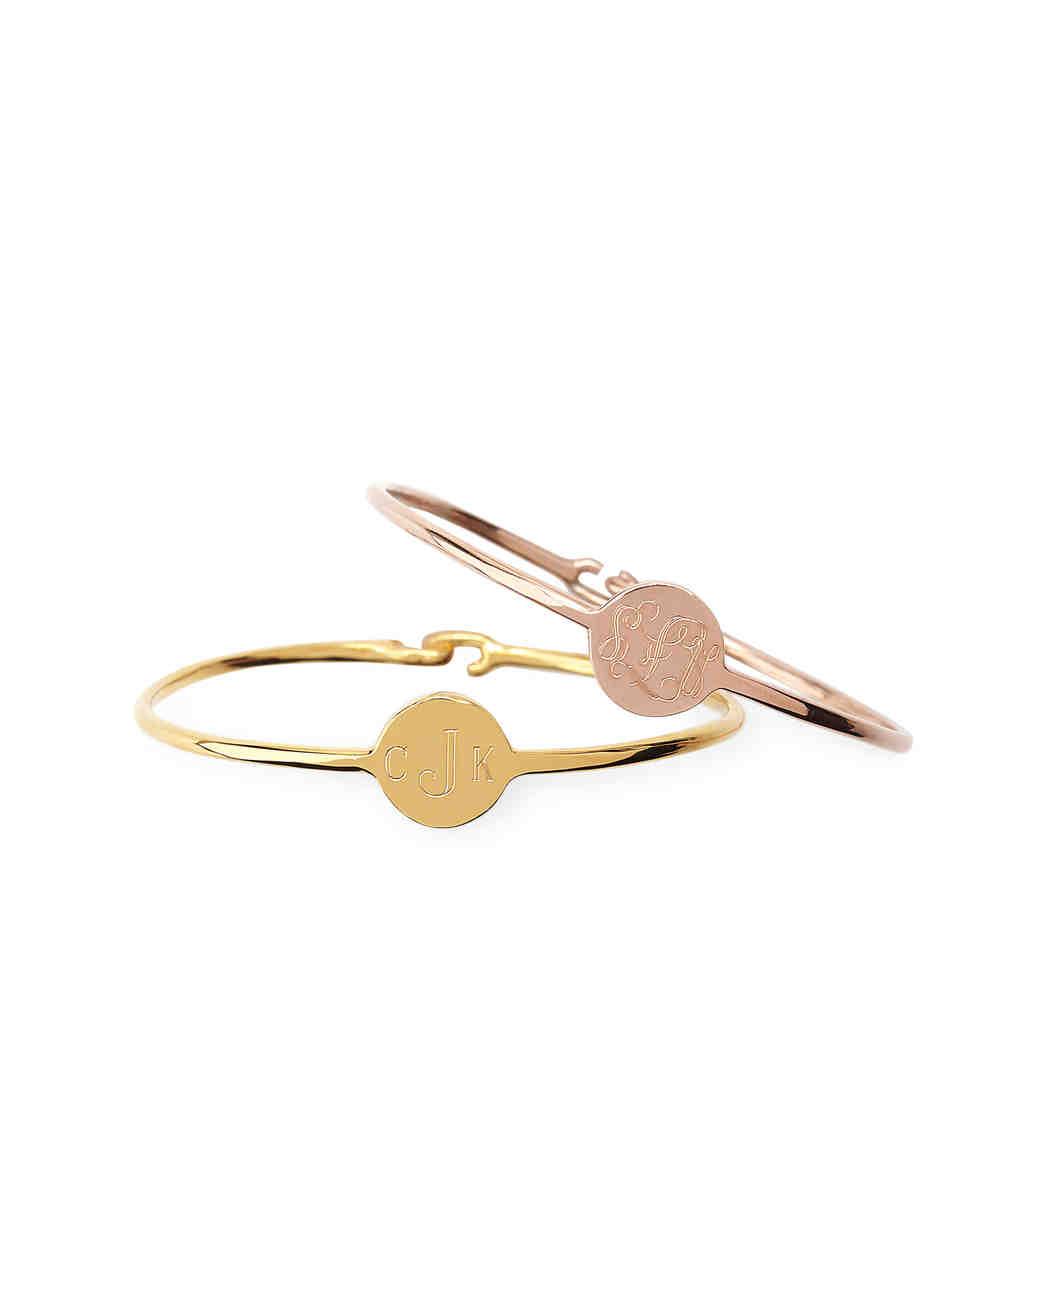 handmade-bracelet-mwd108533.jpg